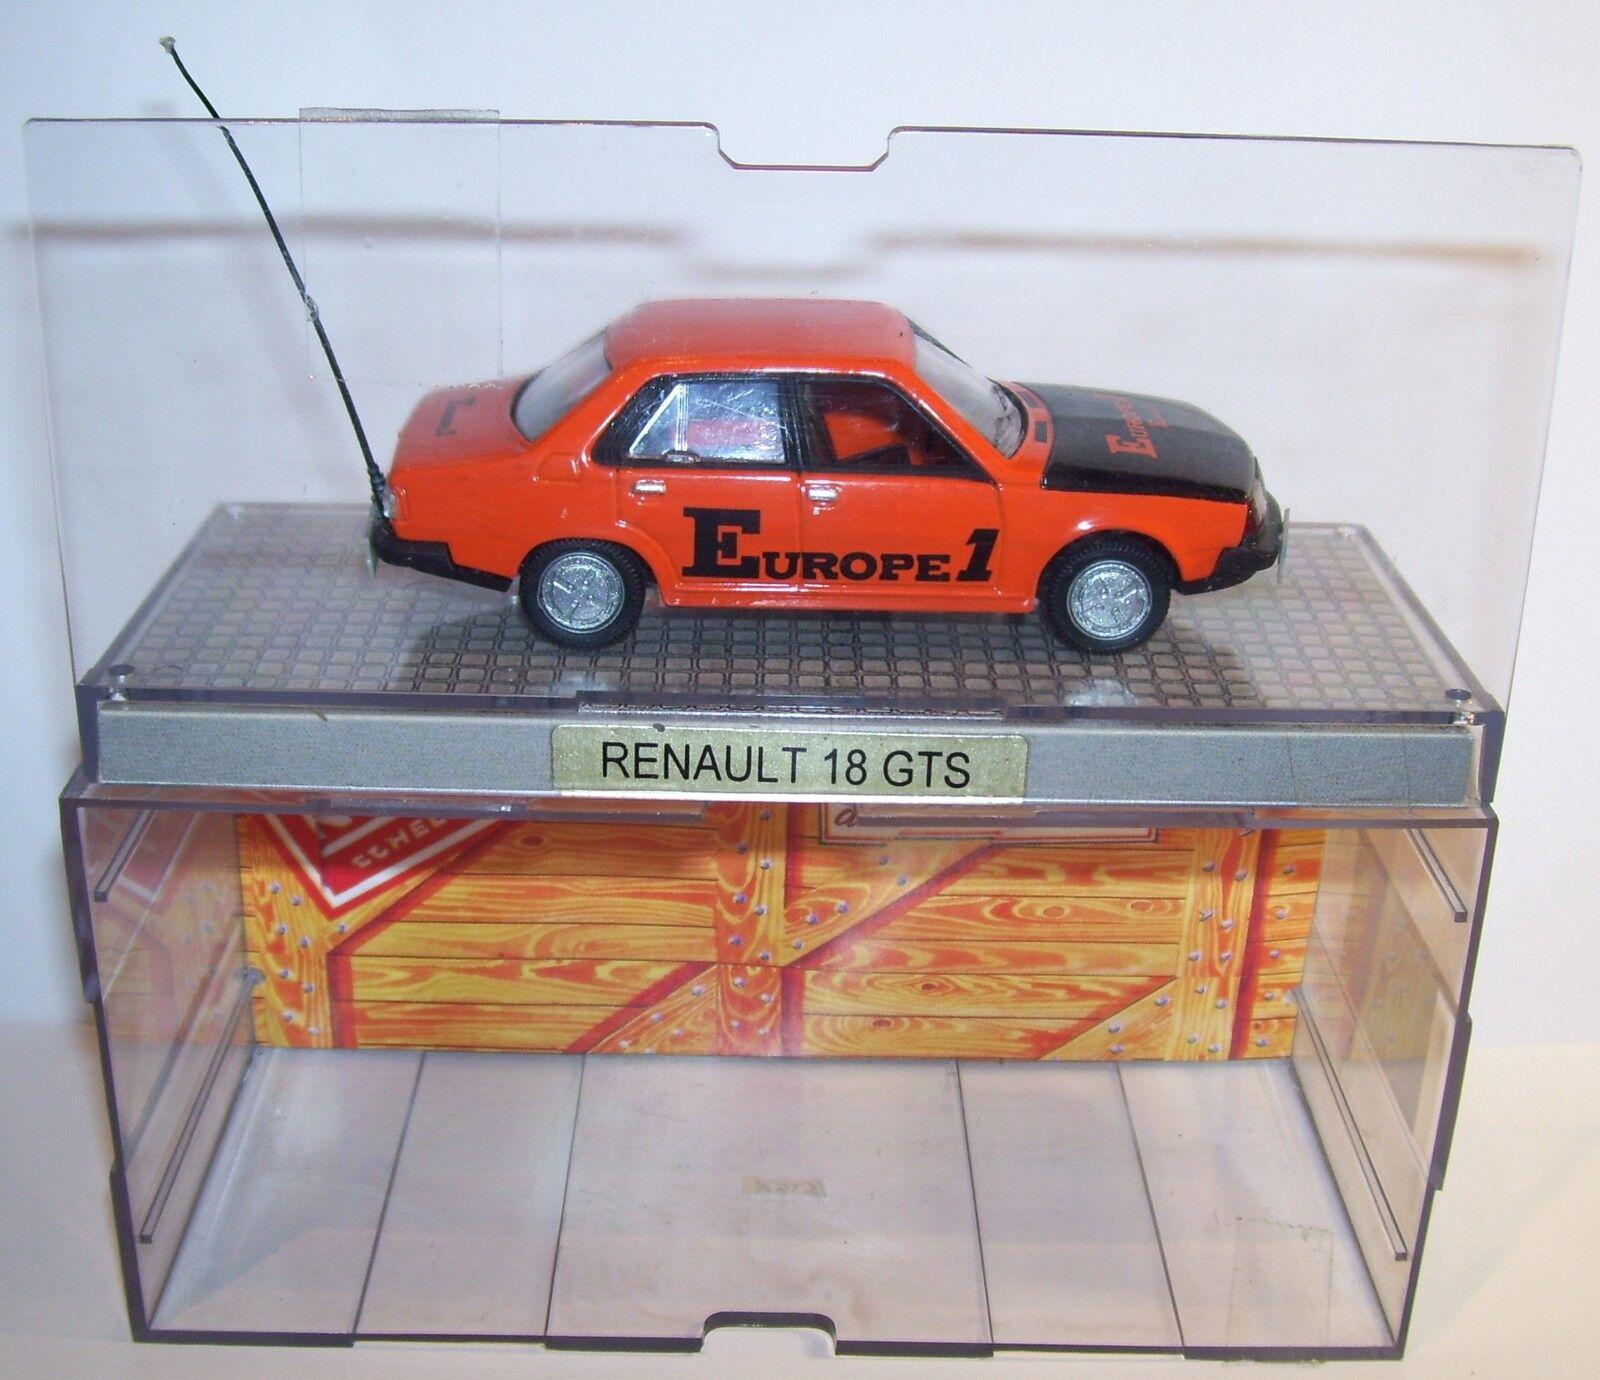 NOREV RENAULT 18 GTS R18 EUROPE 1 TOUR DE FRANCE 1979 REF 511805 1 43 BOX